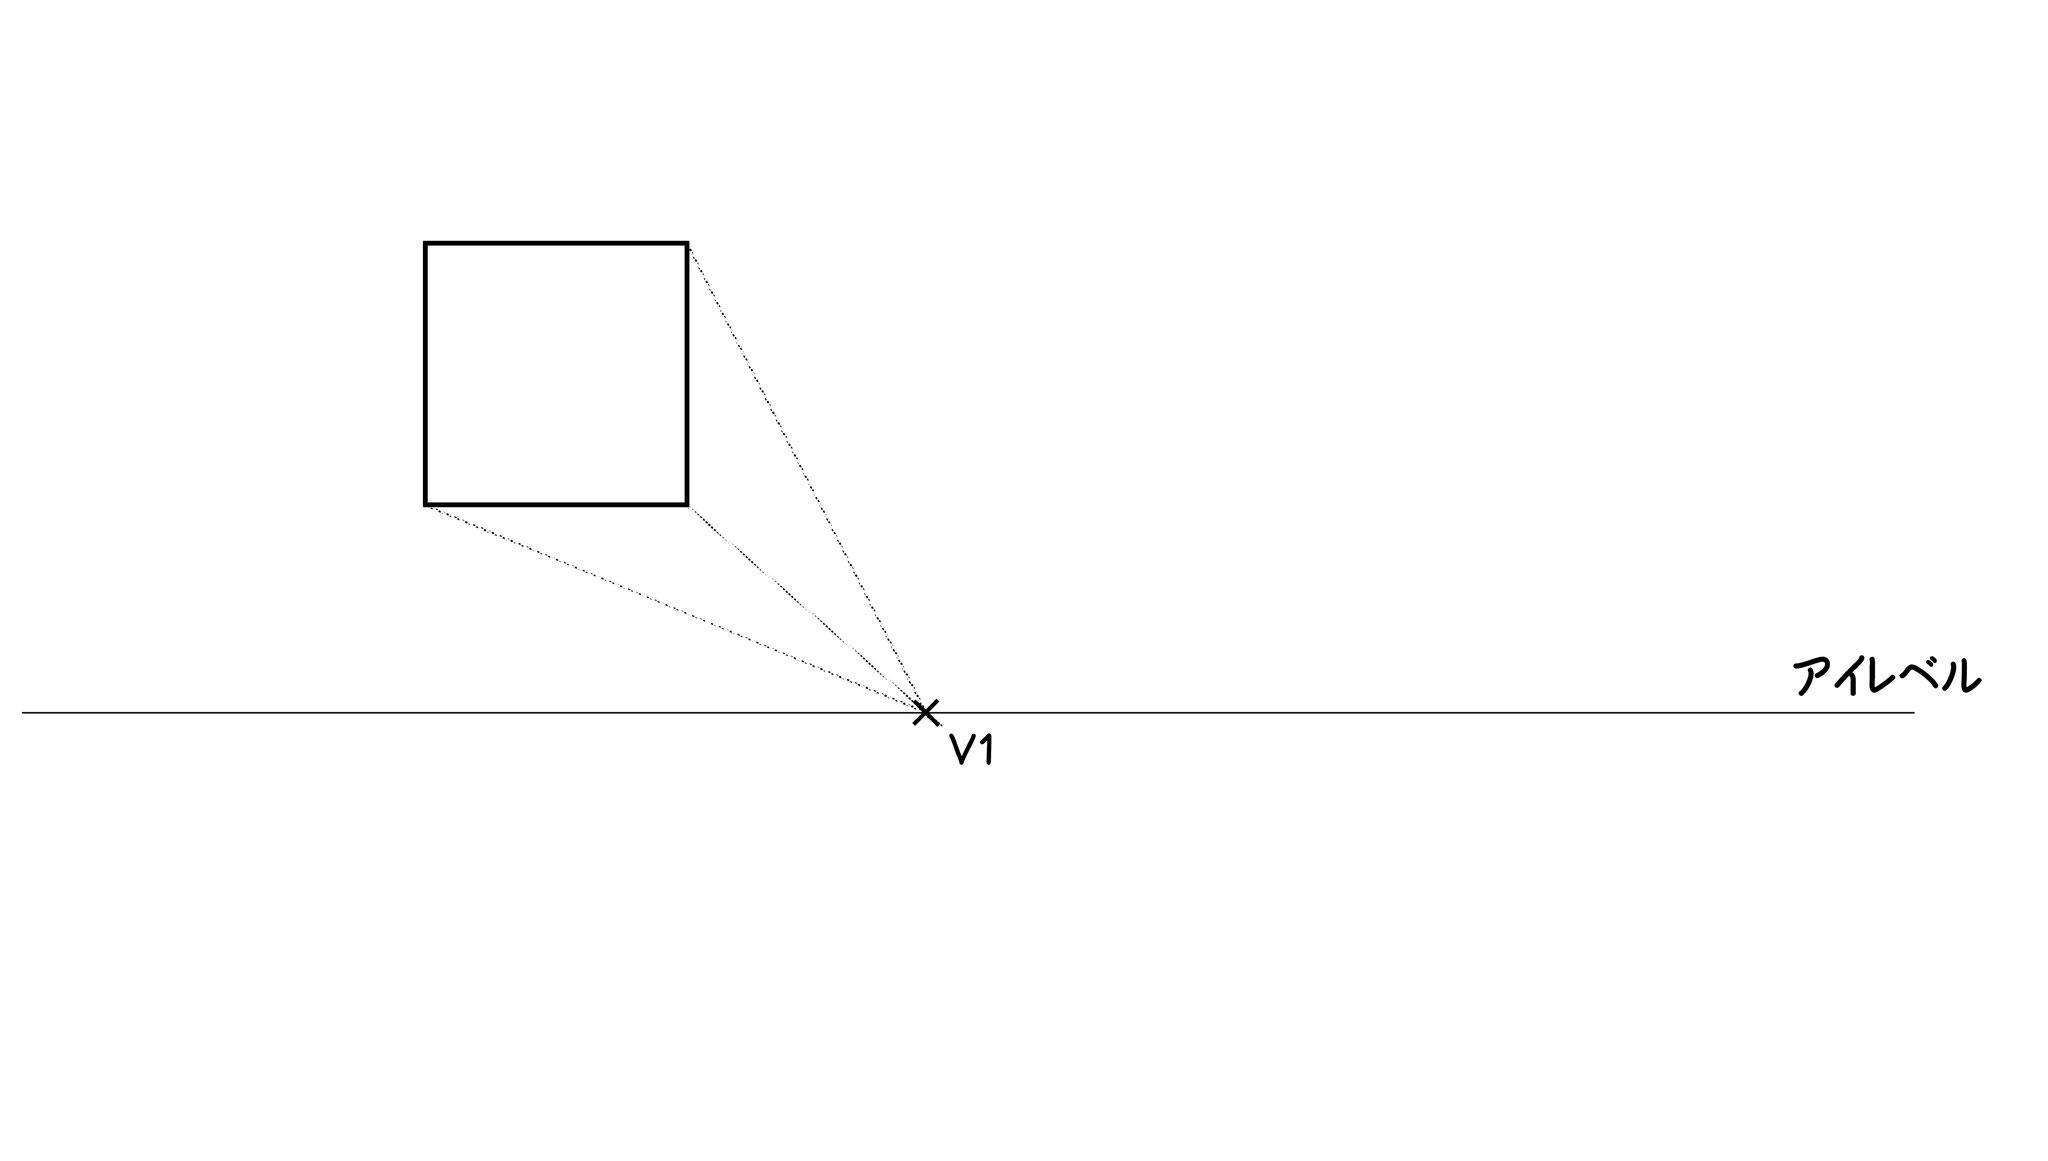 ③四角形の角から消失点V1に向かって奥行(縦)方向の補助線を引きます。